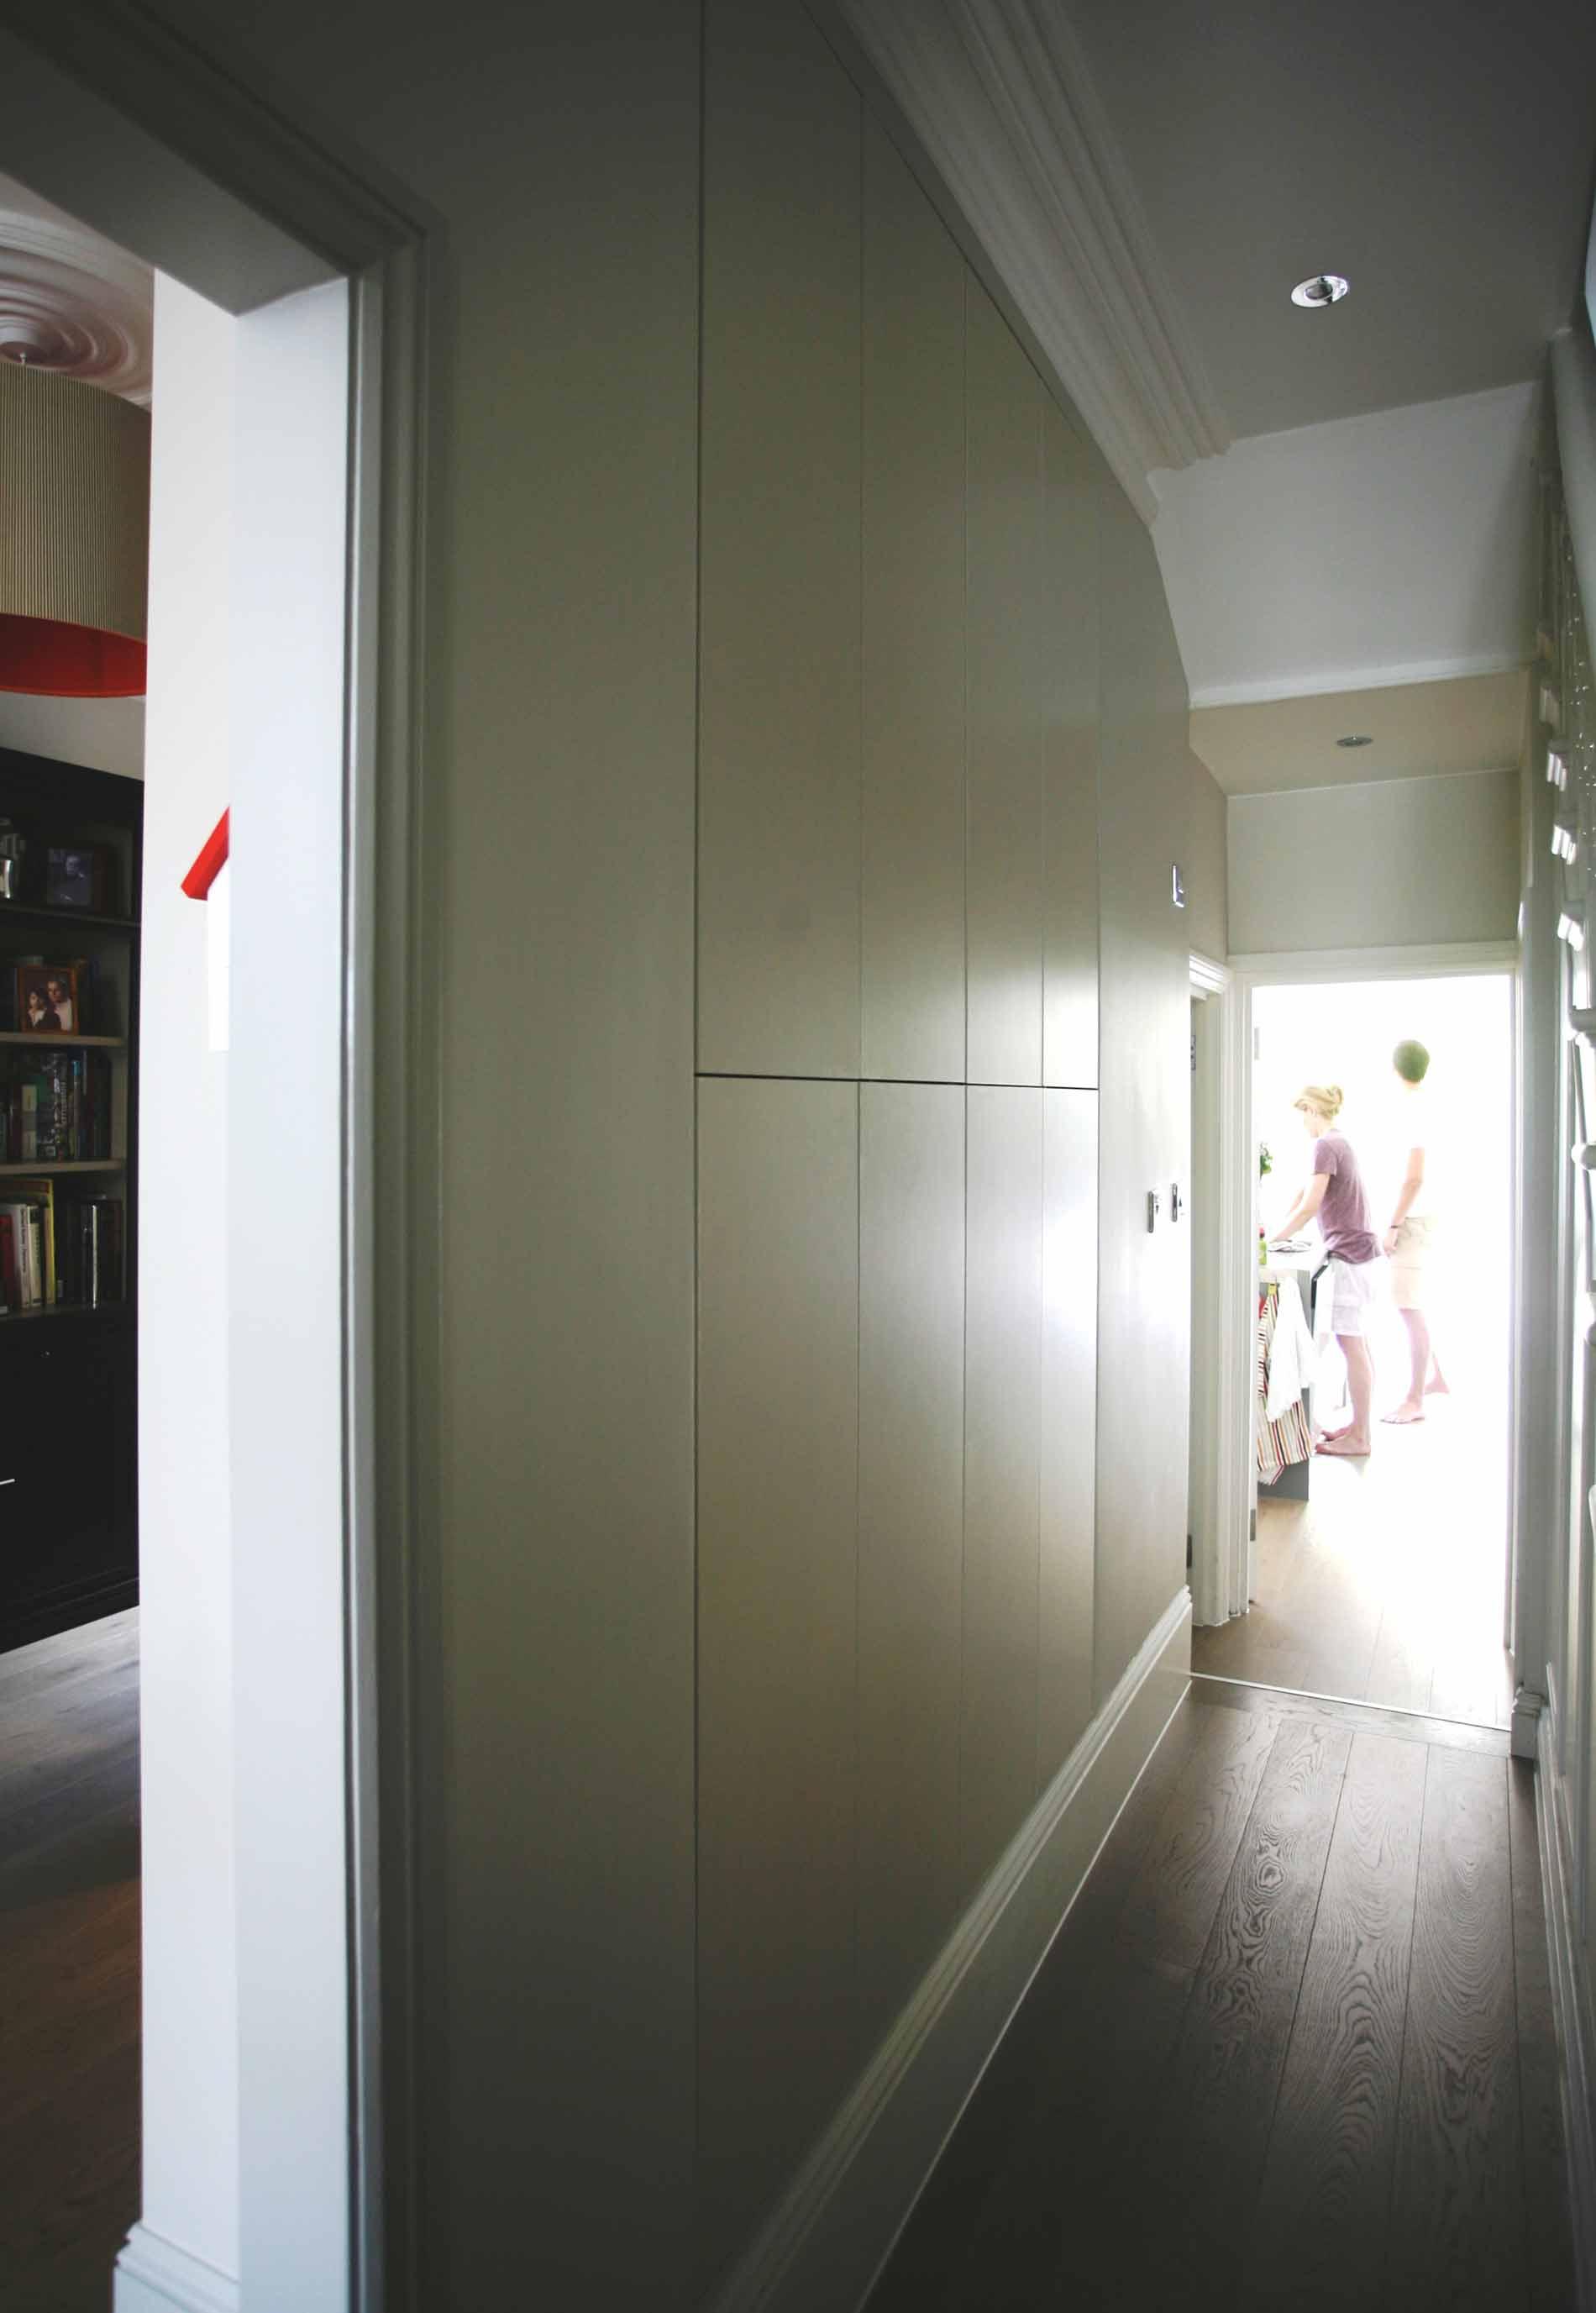 Hall-Storage-Clapham-3